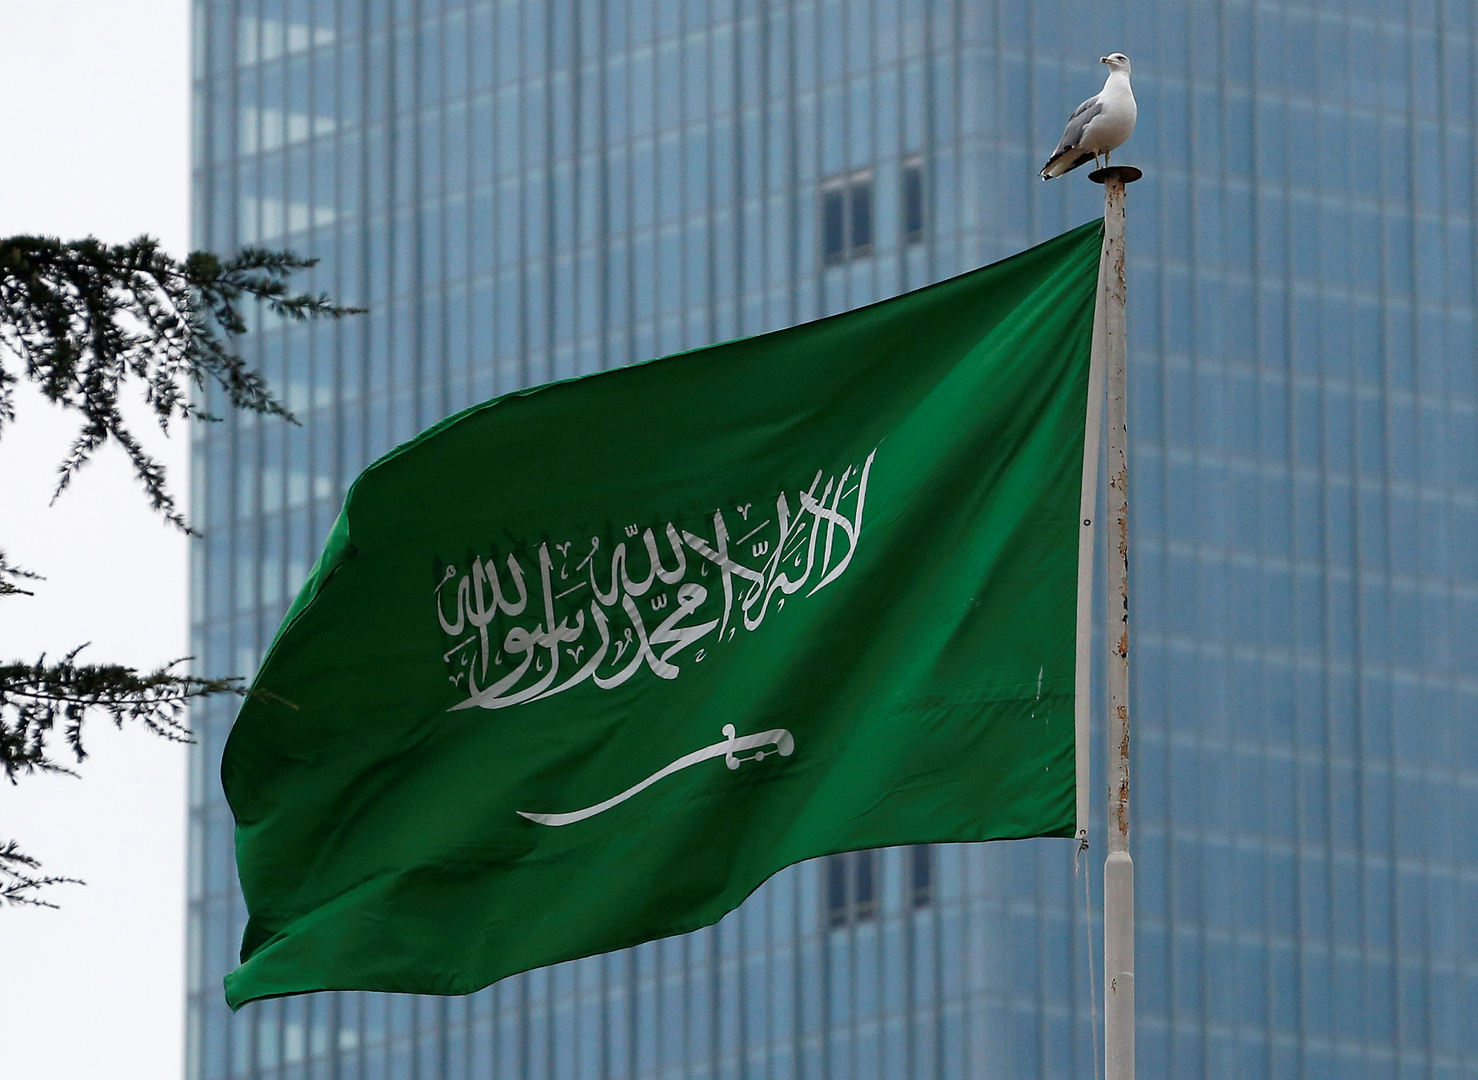 السعودية.. قواعد جديدة للمنشأة الوطنية لدعم الصناعة الخليجية